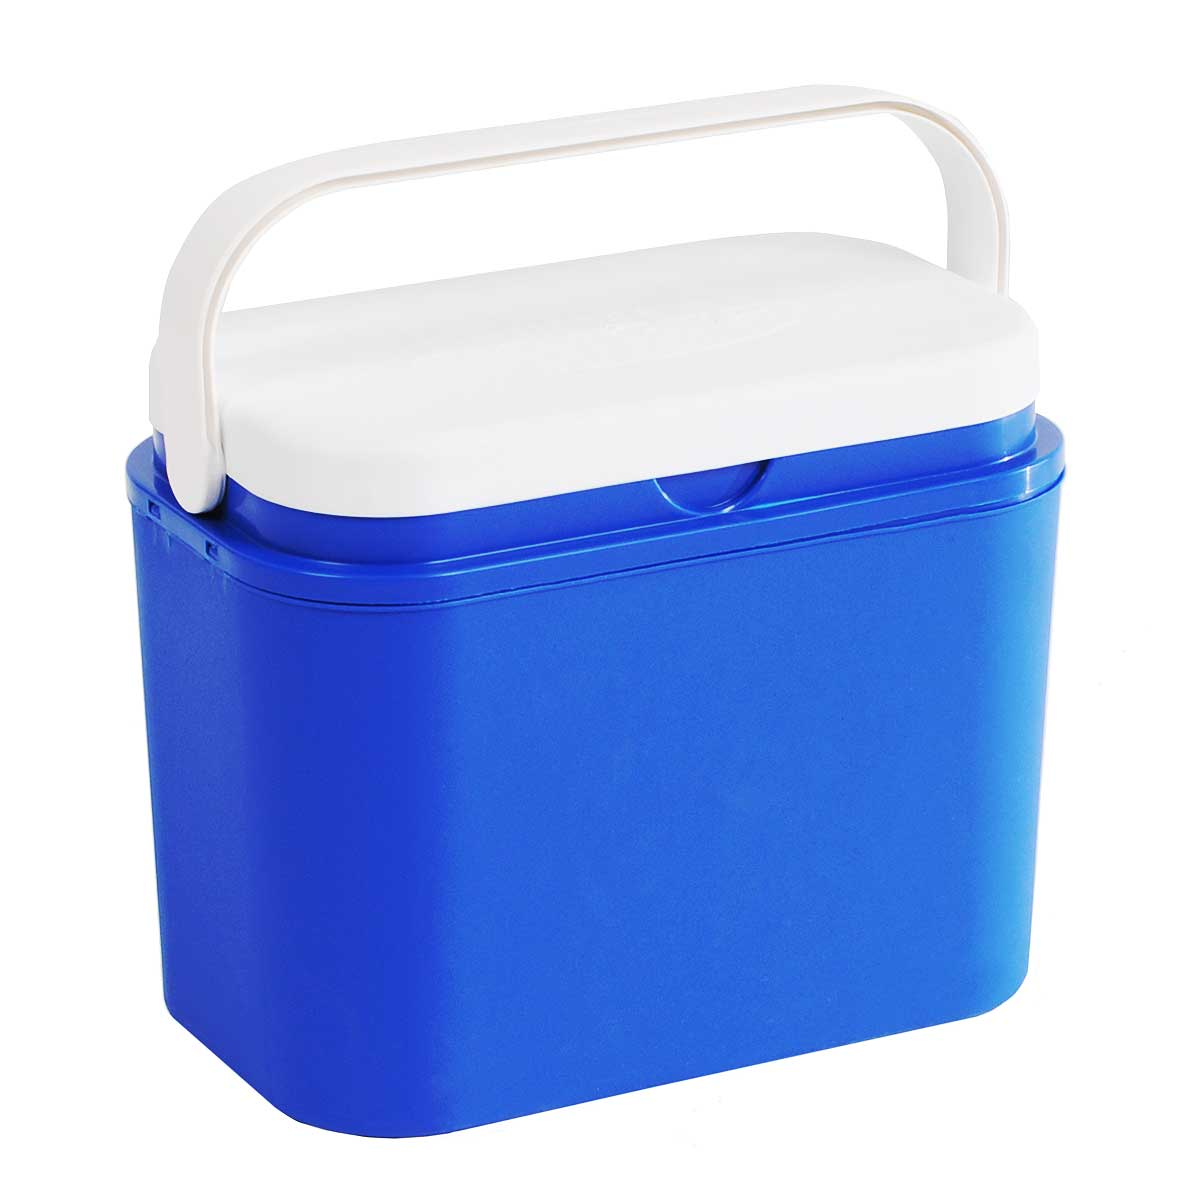 Контейнер изотермический Atlantic Cool Box, цвет: синий, 10 л4035Легкий и прочный изотермический контейнер Atlantic Cool Box предназначен для сохранения определенной температуры продуктов во время длительных поездок. Корпус и крышка контейнера изготовлены из высококачественного пластика. Между двойными стенками находится термоизоляционный слой, который обеспечивает сохранение температуры. Крышку можно использовать в качестве столика или подноса. При использовании аккумулятора холода контейнер обеспечивает сохранение продуктов холодными до 12 часов.Температурный режим эксплуатации: от -30°C до +60°C. Контейнер идеально подходит для отдыха на природе, пикников, туристических походов и путешествий. Объем контейнера: 10 л.Размер контейнера: 32 см х 26 см х21 см.